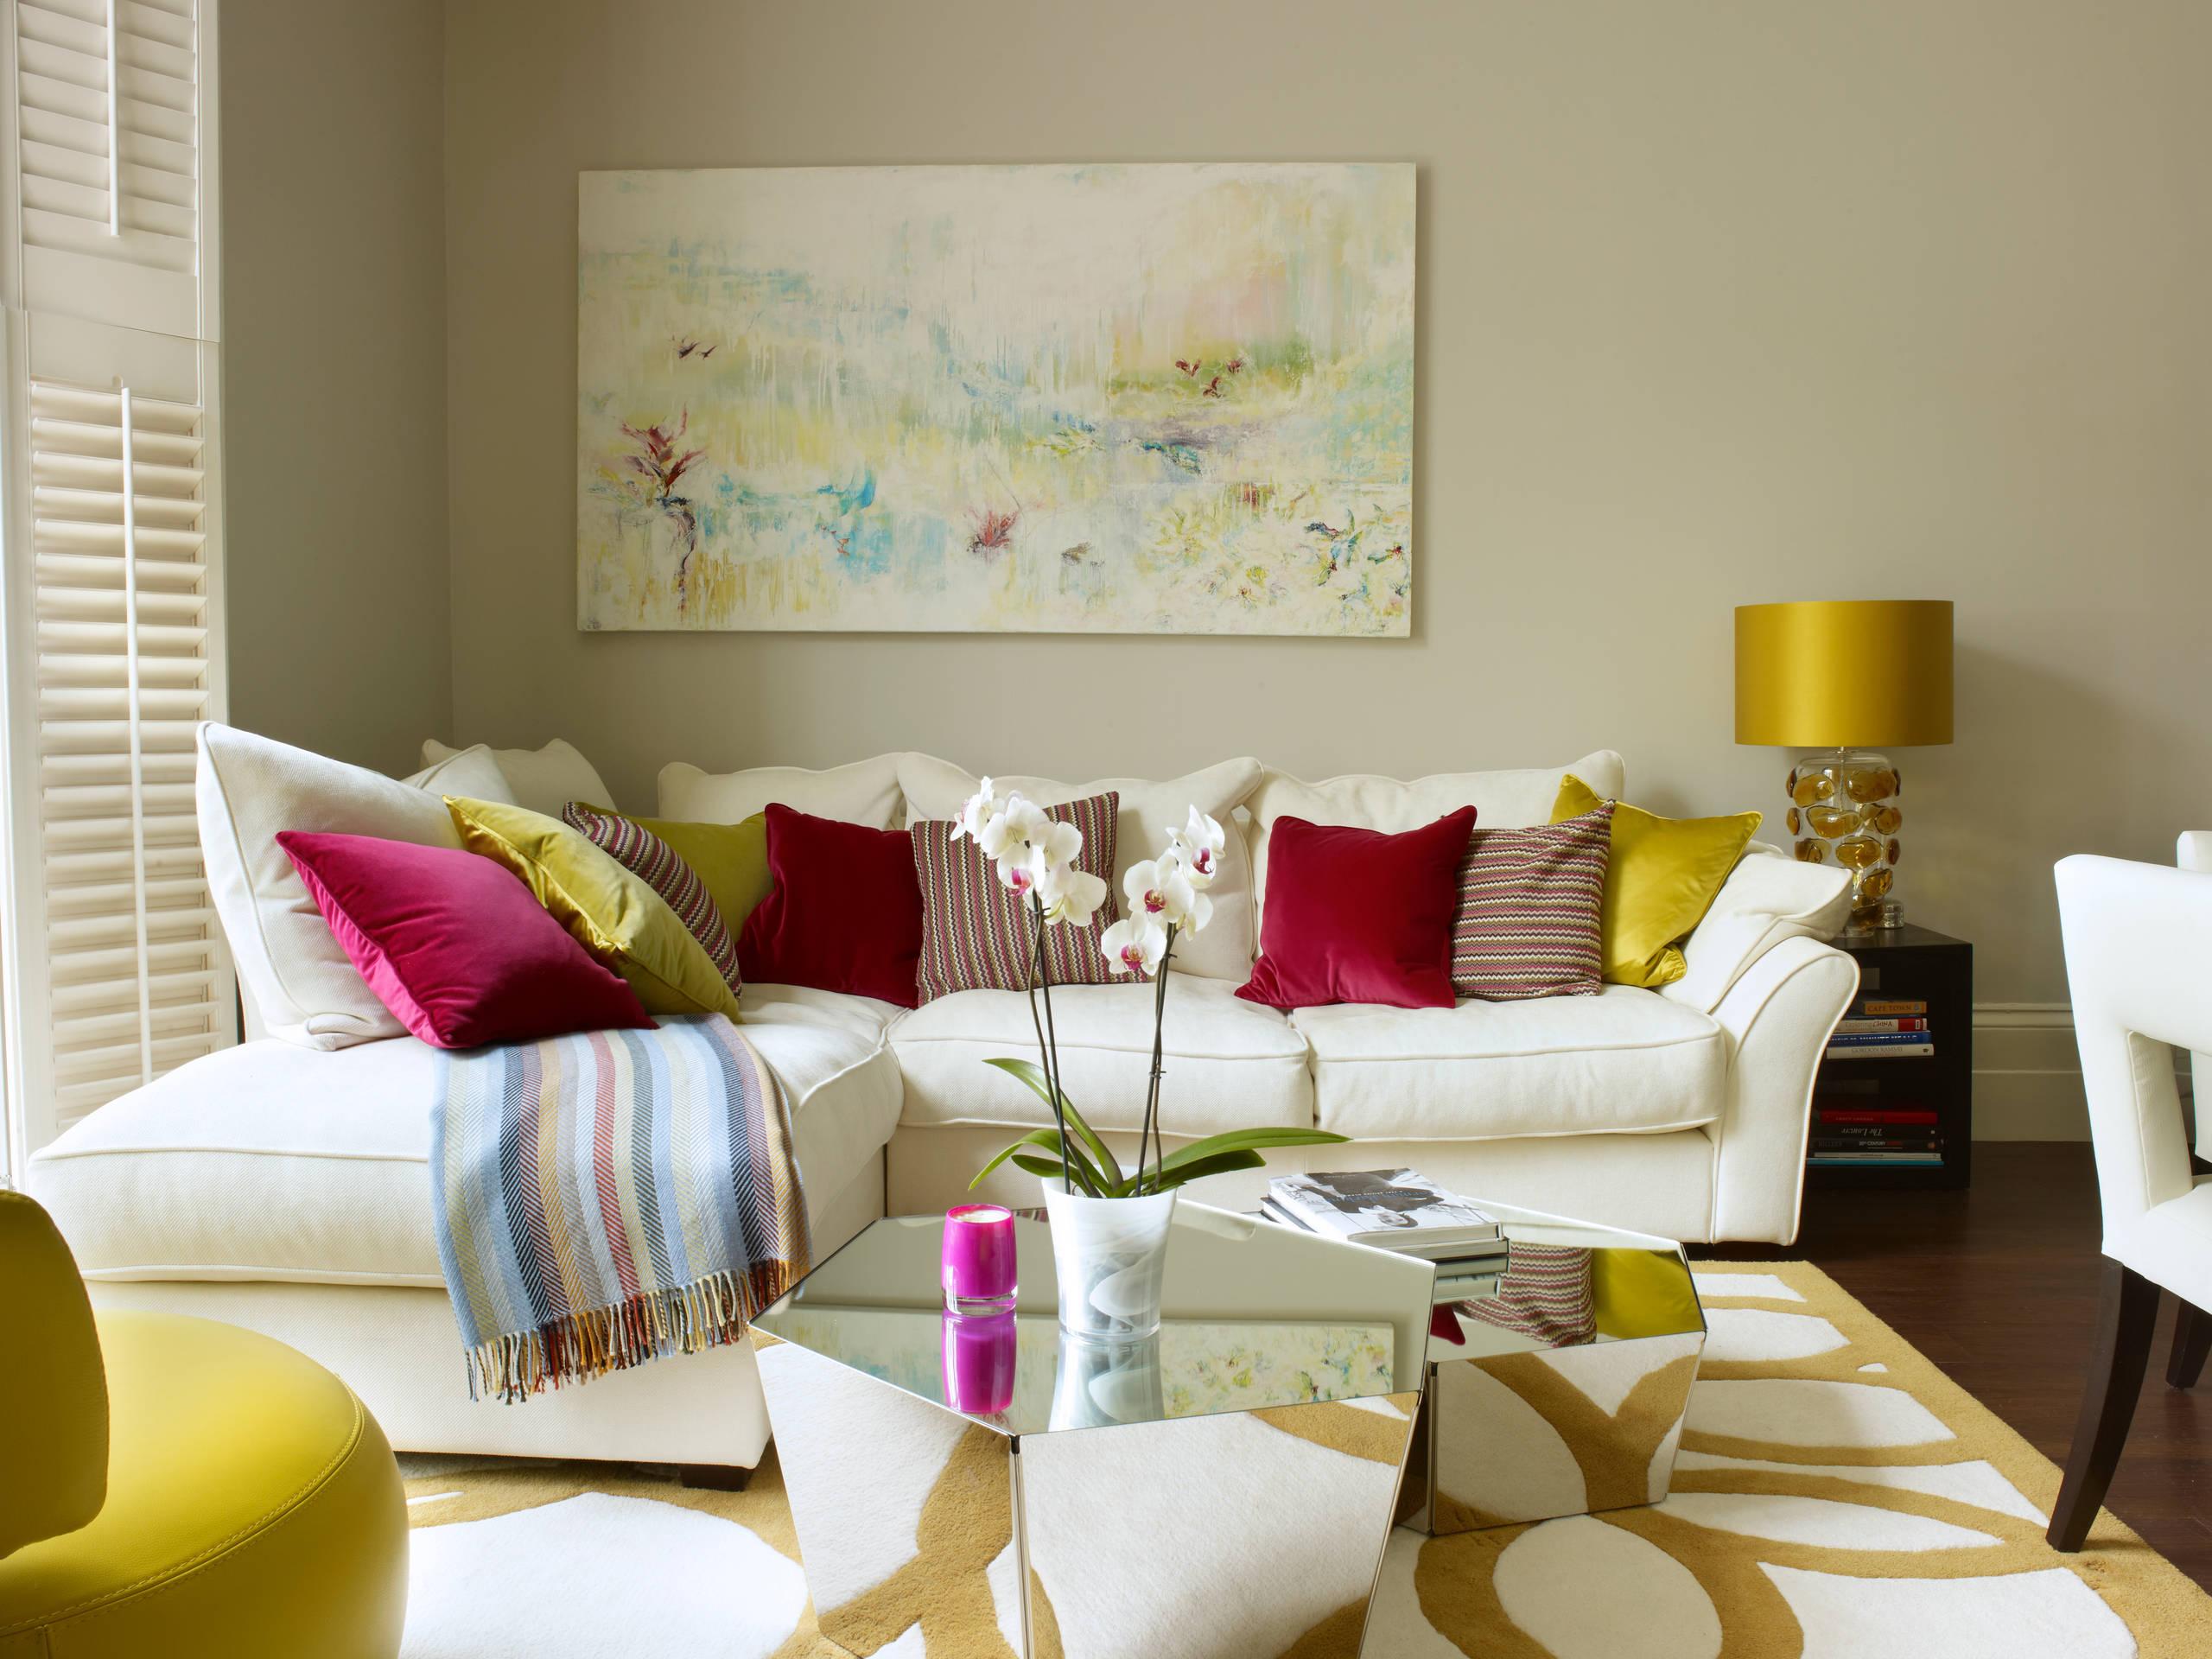 Sofá con muchos cojines que aportan confort